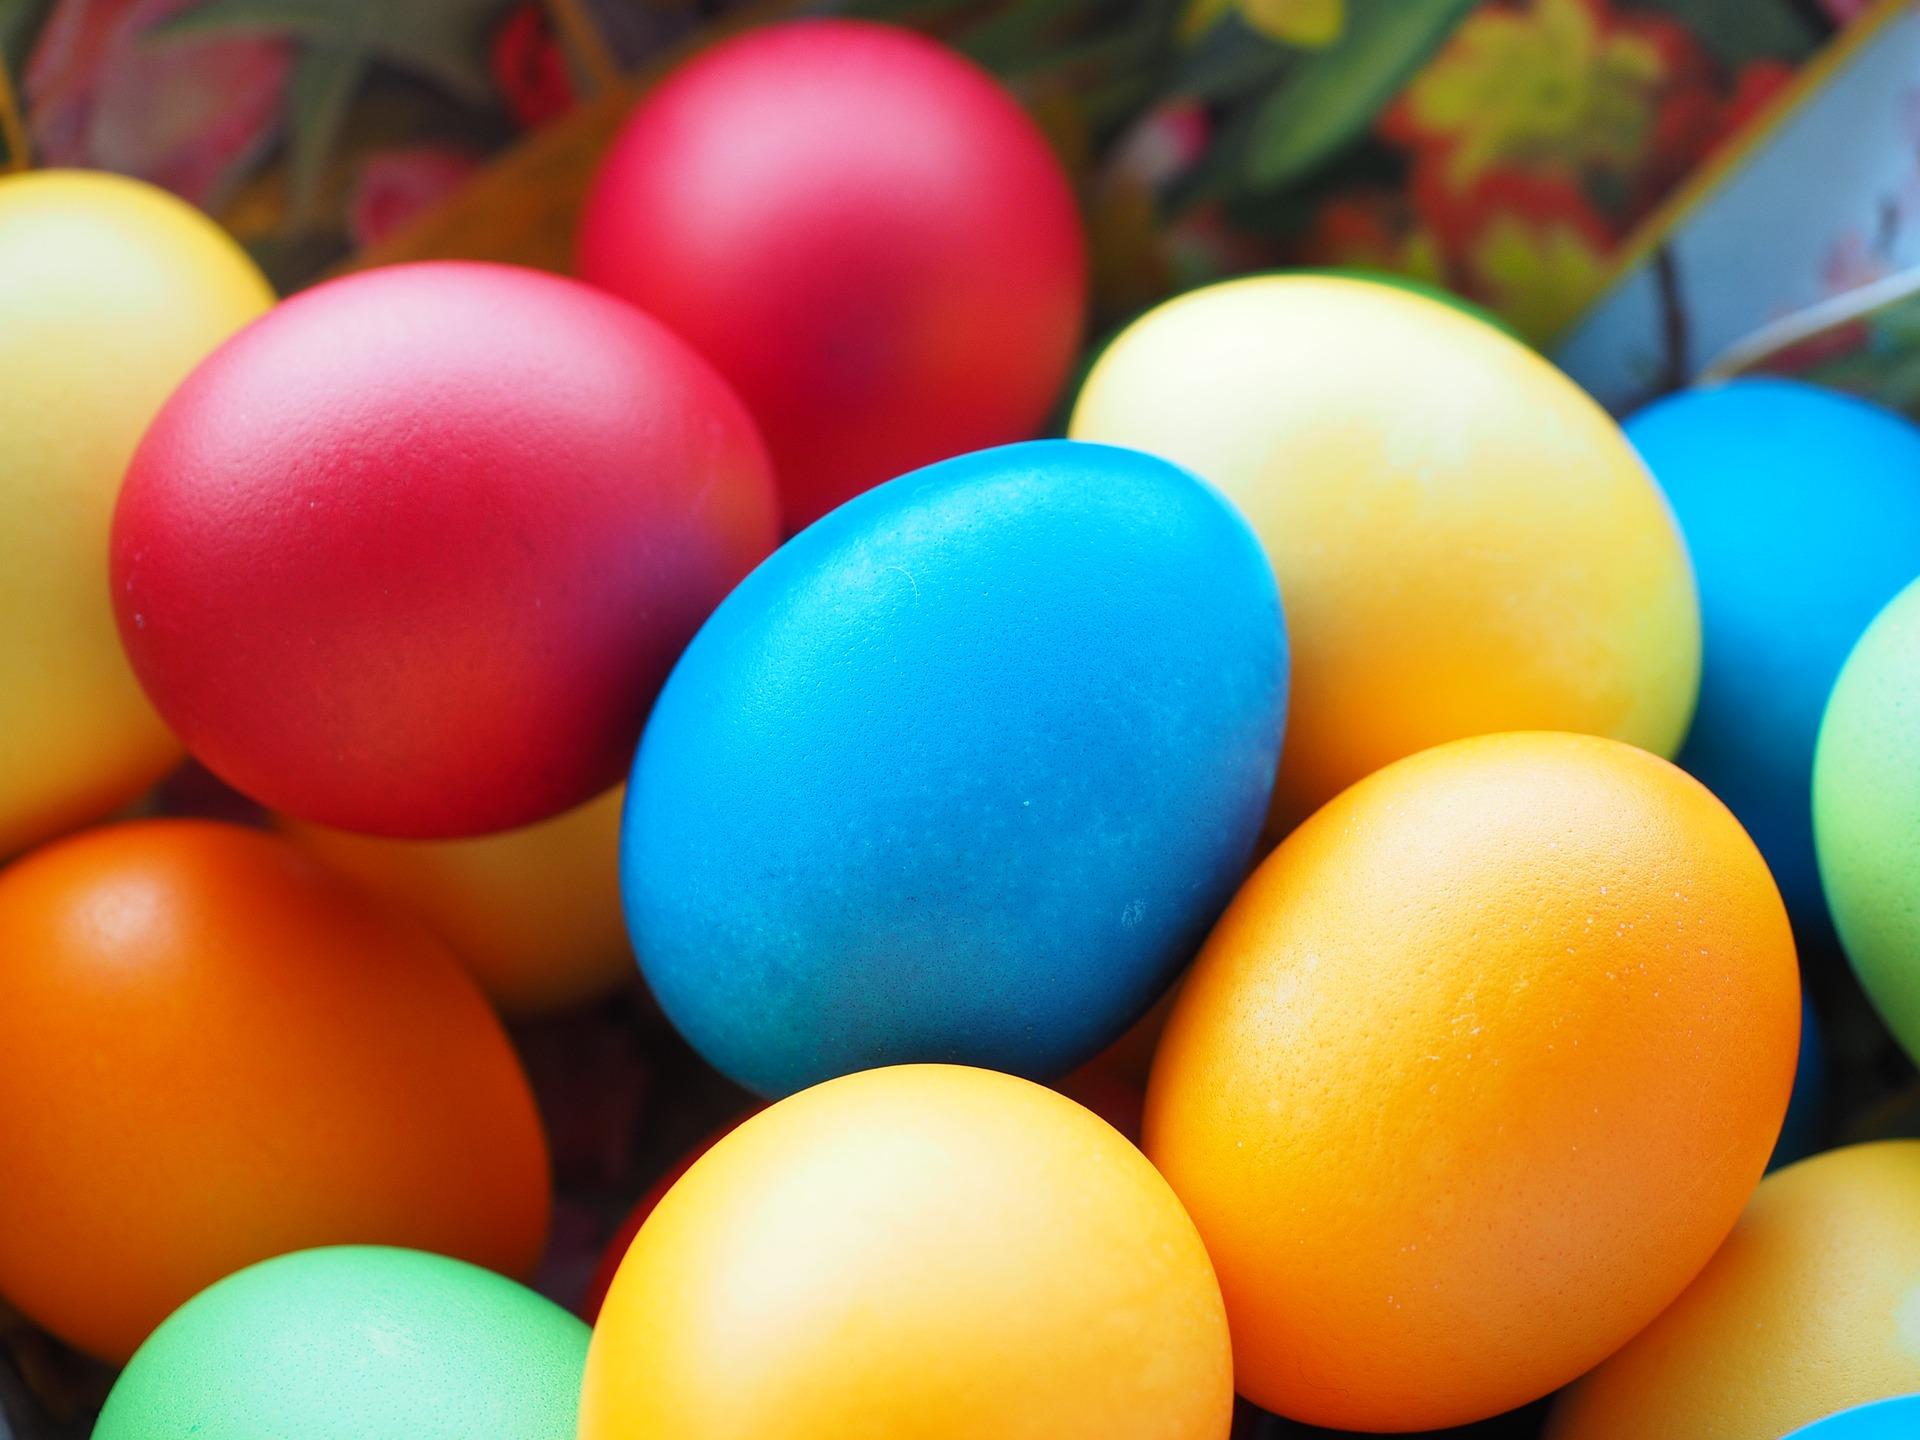 easter-eggs-3032058_1920.jpg